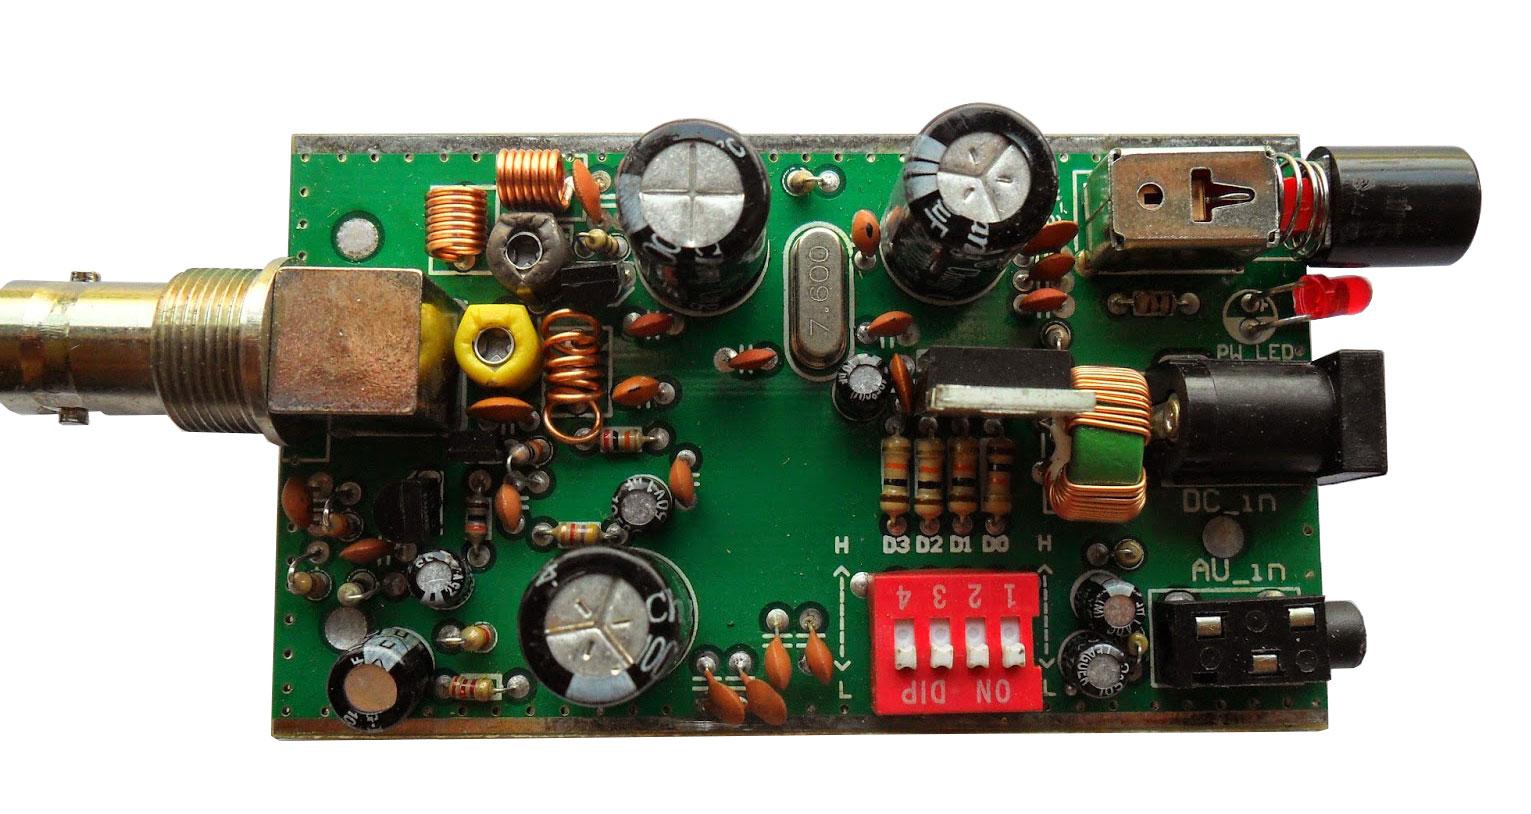 ชุดคิทเครื่องส่งวิทยุ FM 100 เมตร เพื่อการศึกษาระบบ PLL BH1417F